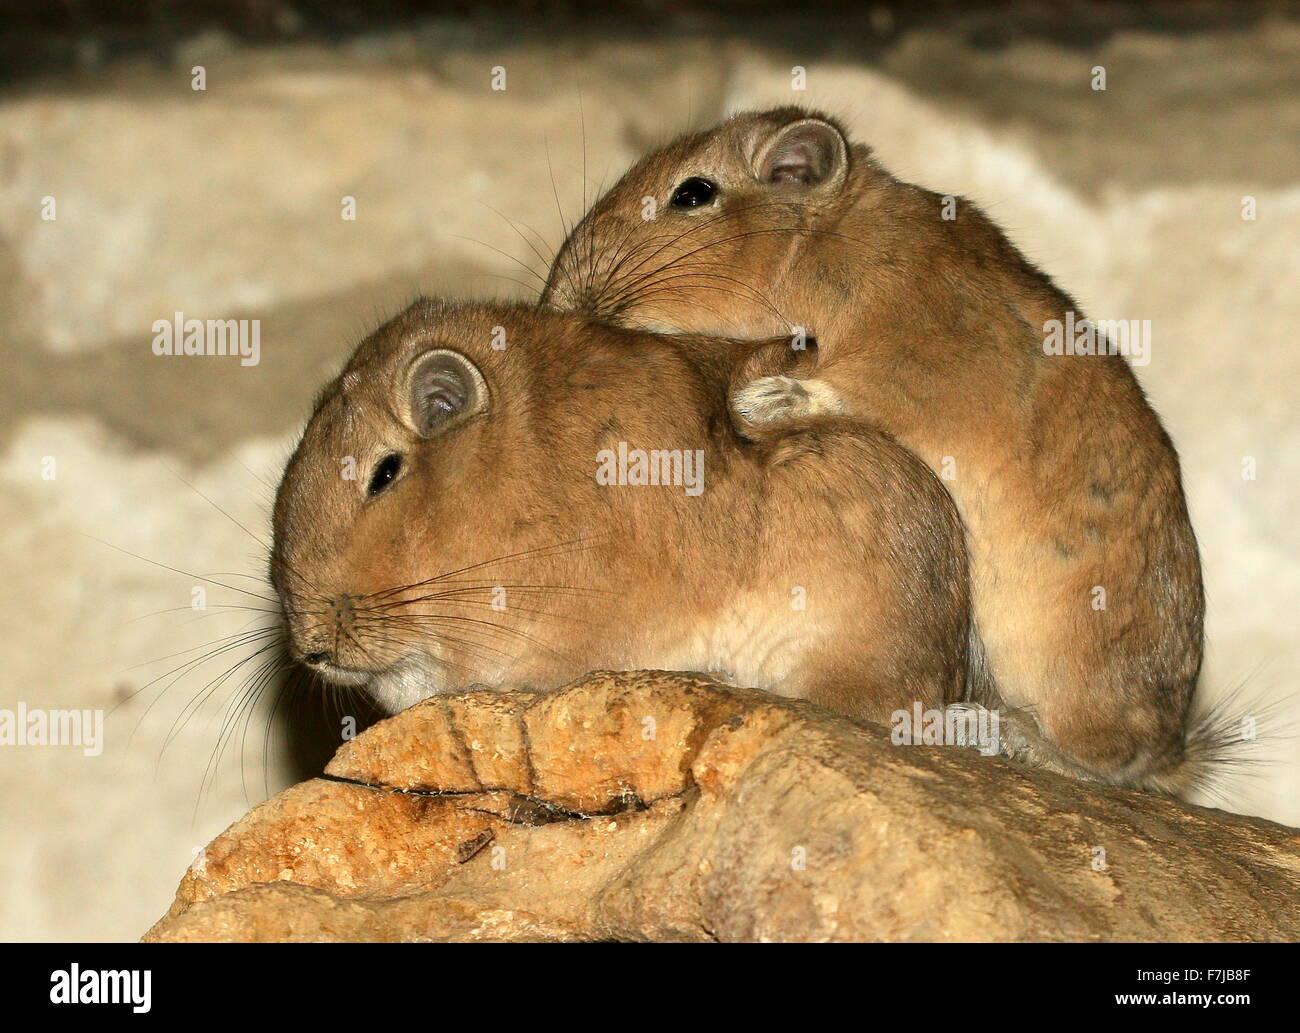 Pair of cuddling North African Common Gundis (Ctenodactylus gundi) - Stock Image